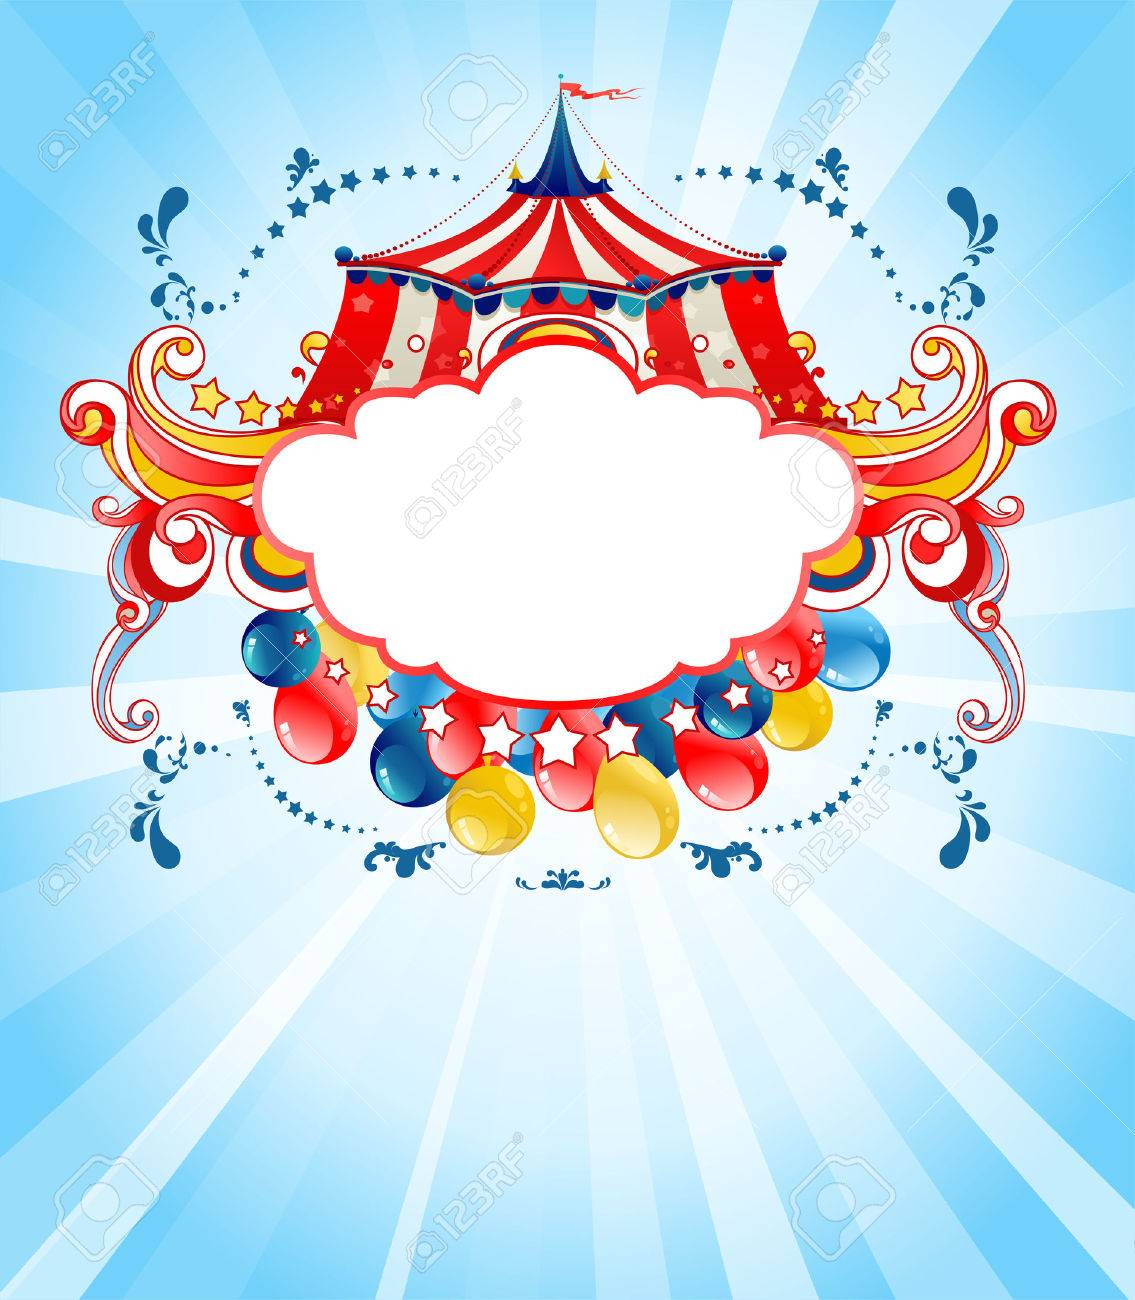 Imagen de fondo de circo